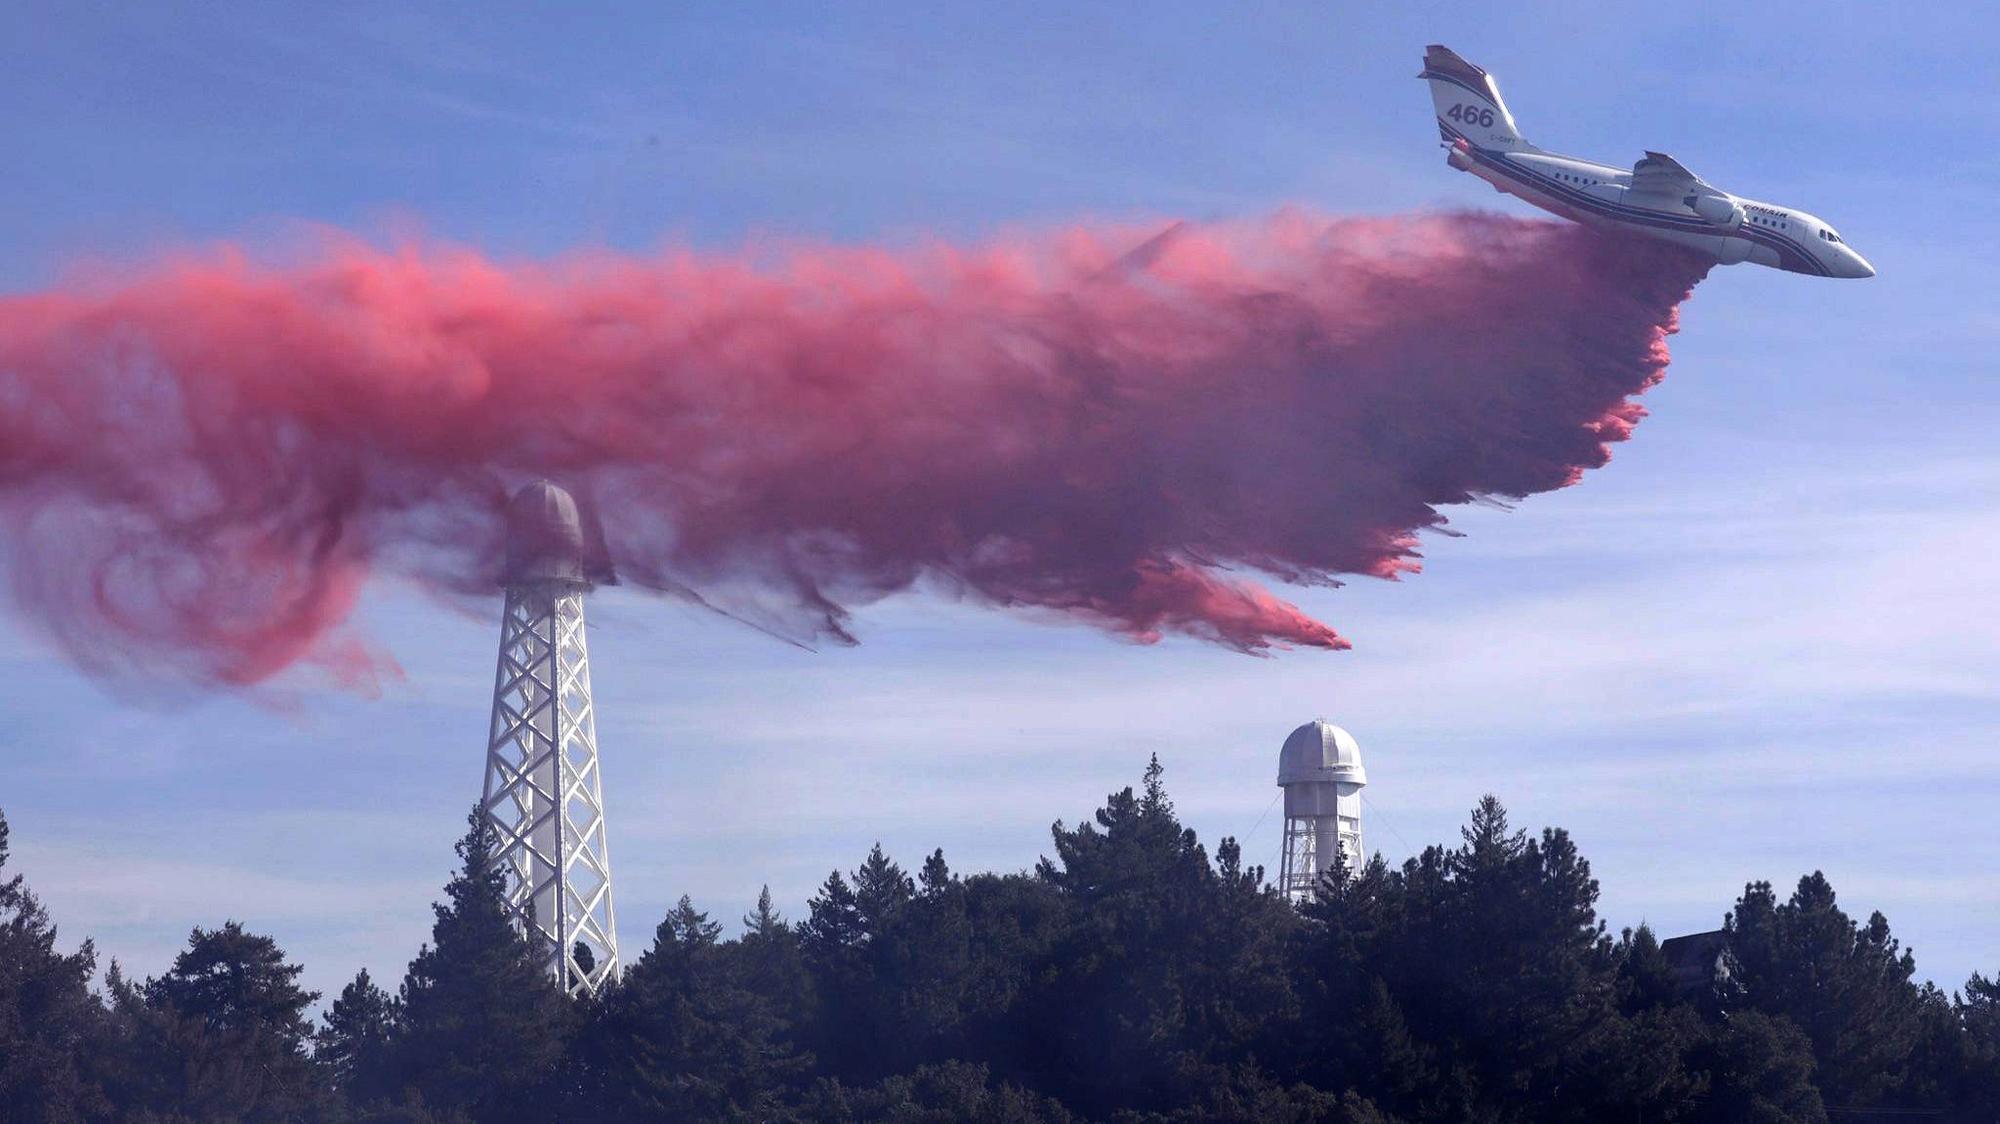 Firefighters battle blaze near Mt. Wilson Observatory